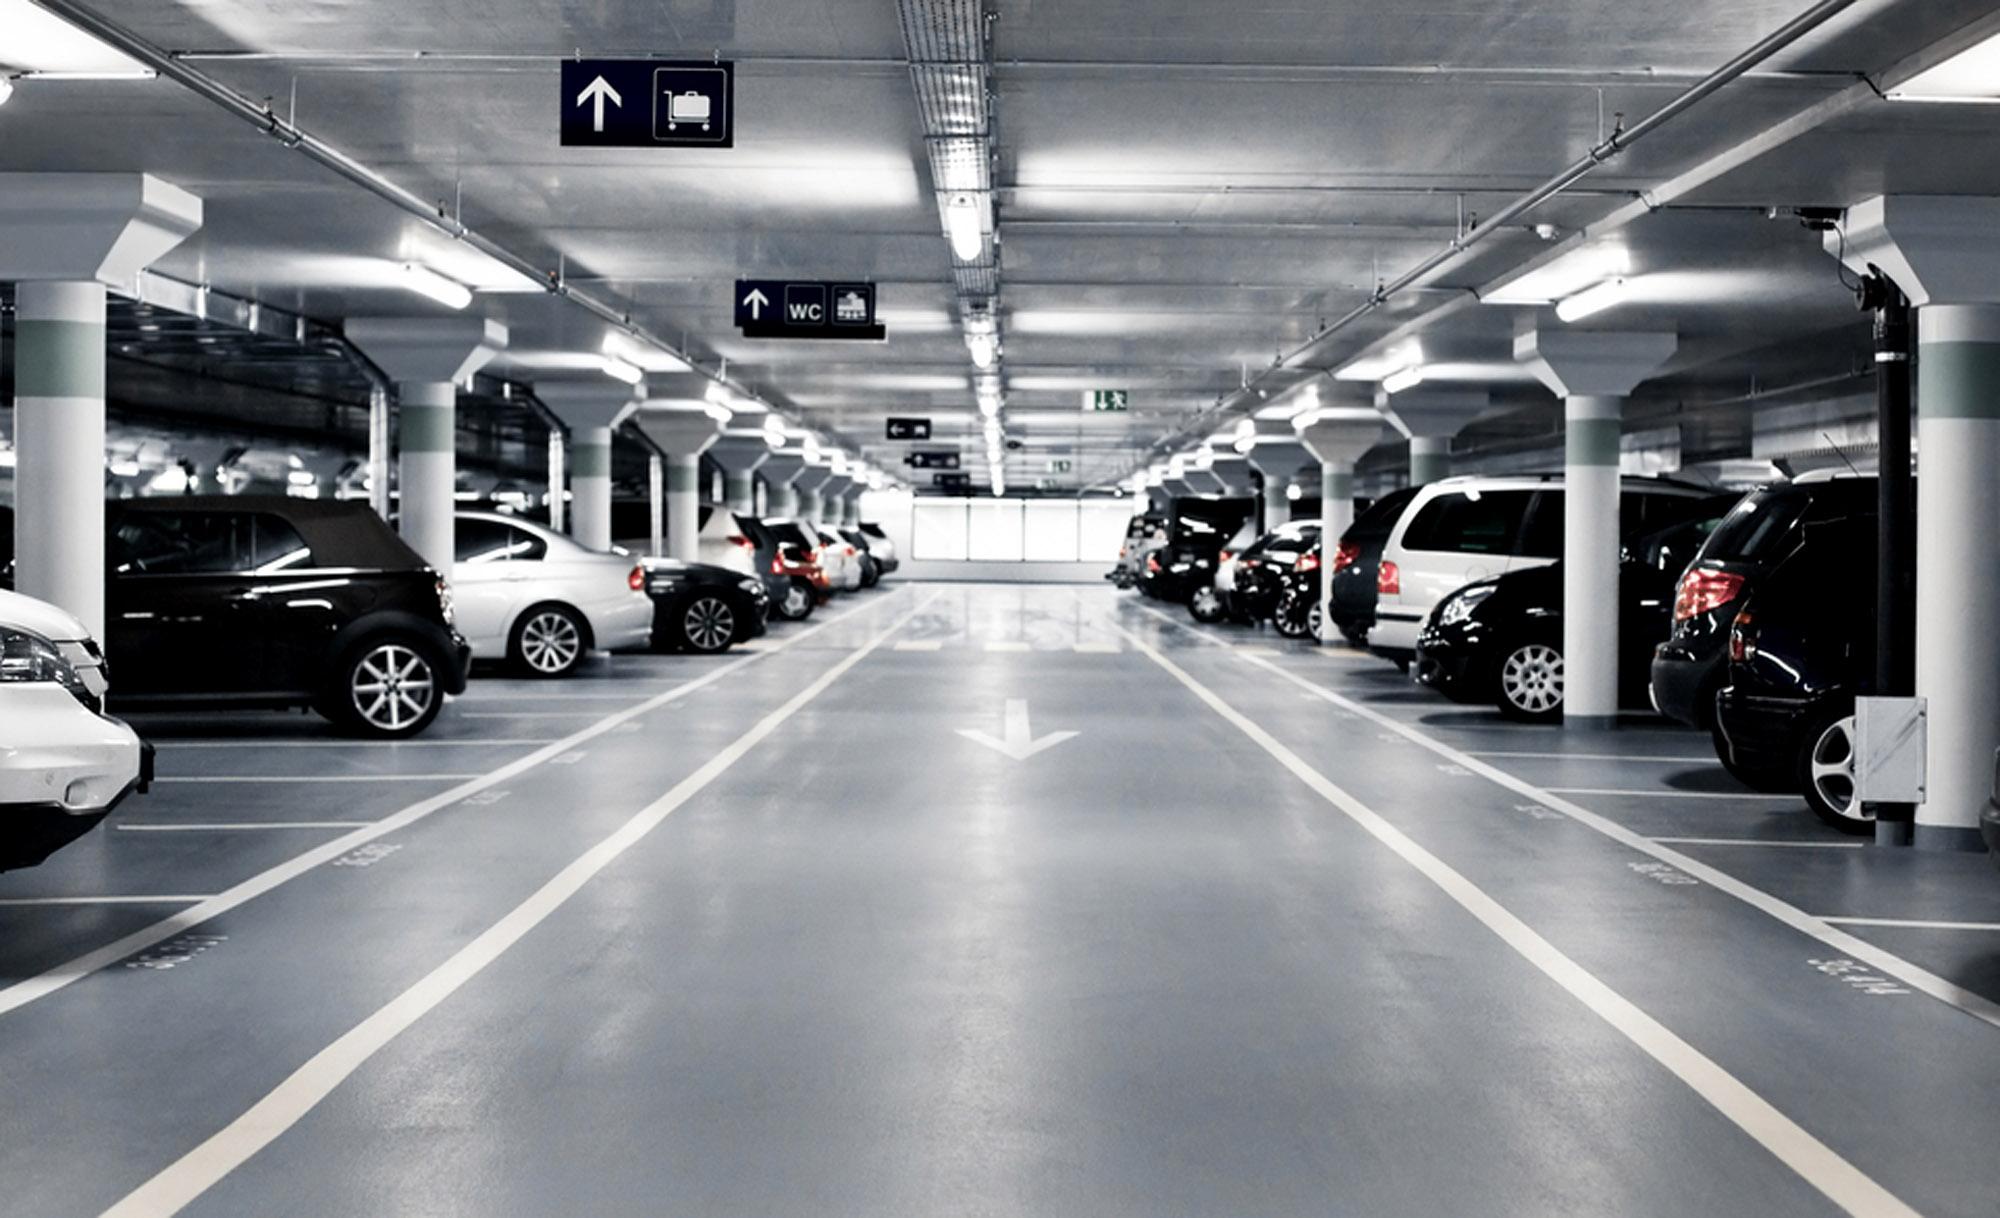 Comment investir dans une place de parking - Investir dans des garages ...